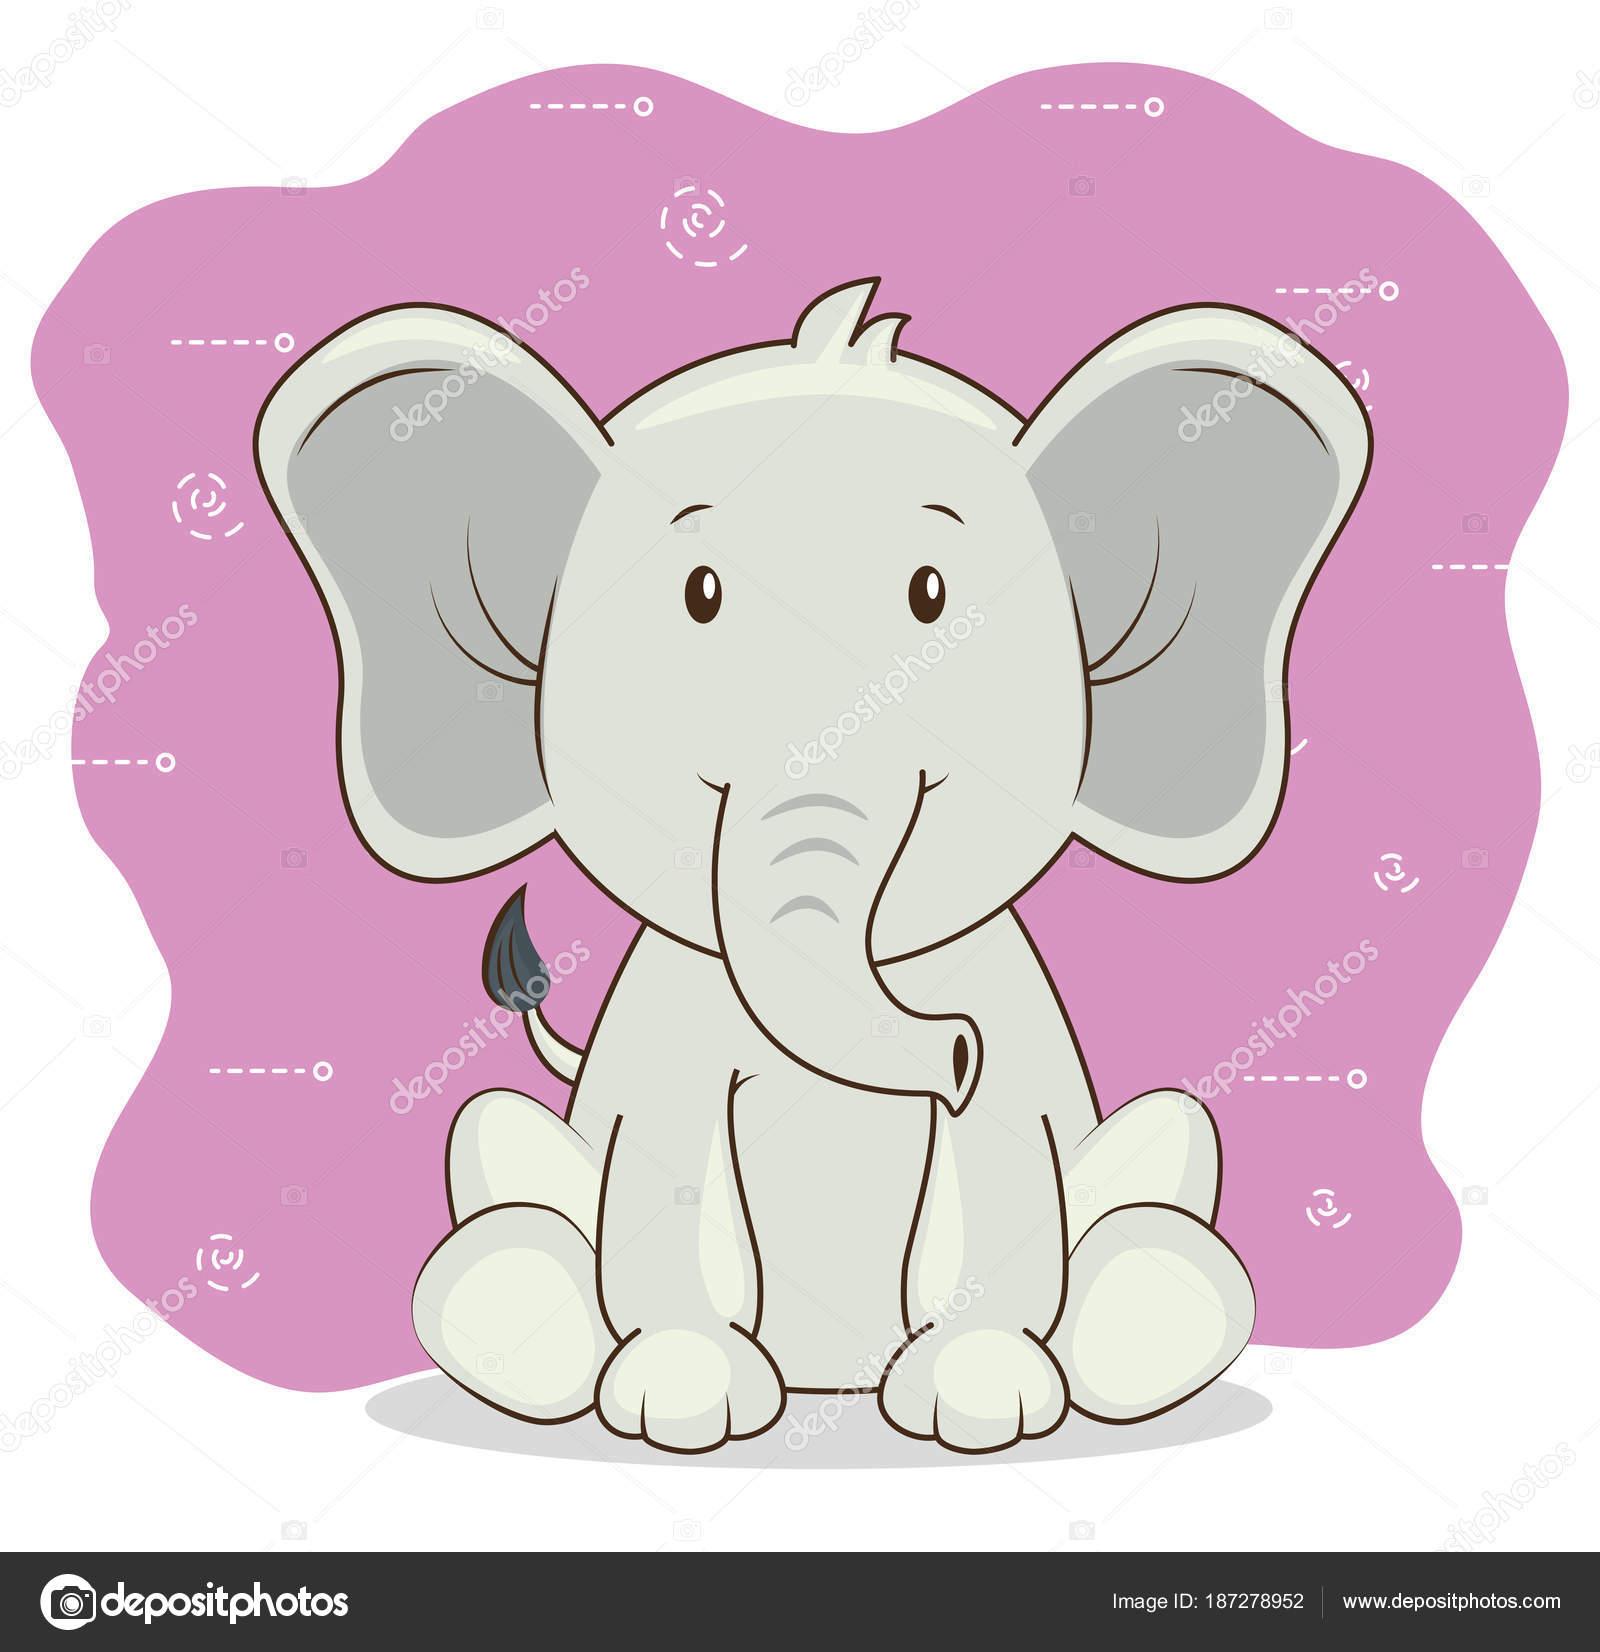 Imágenes Animados De Animales Tiernos Dibujos Animados Animales